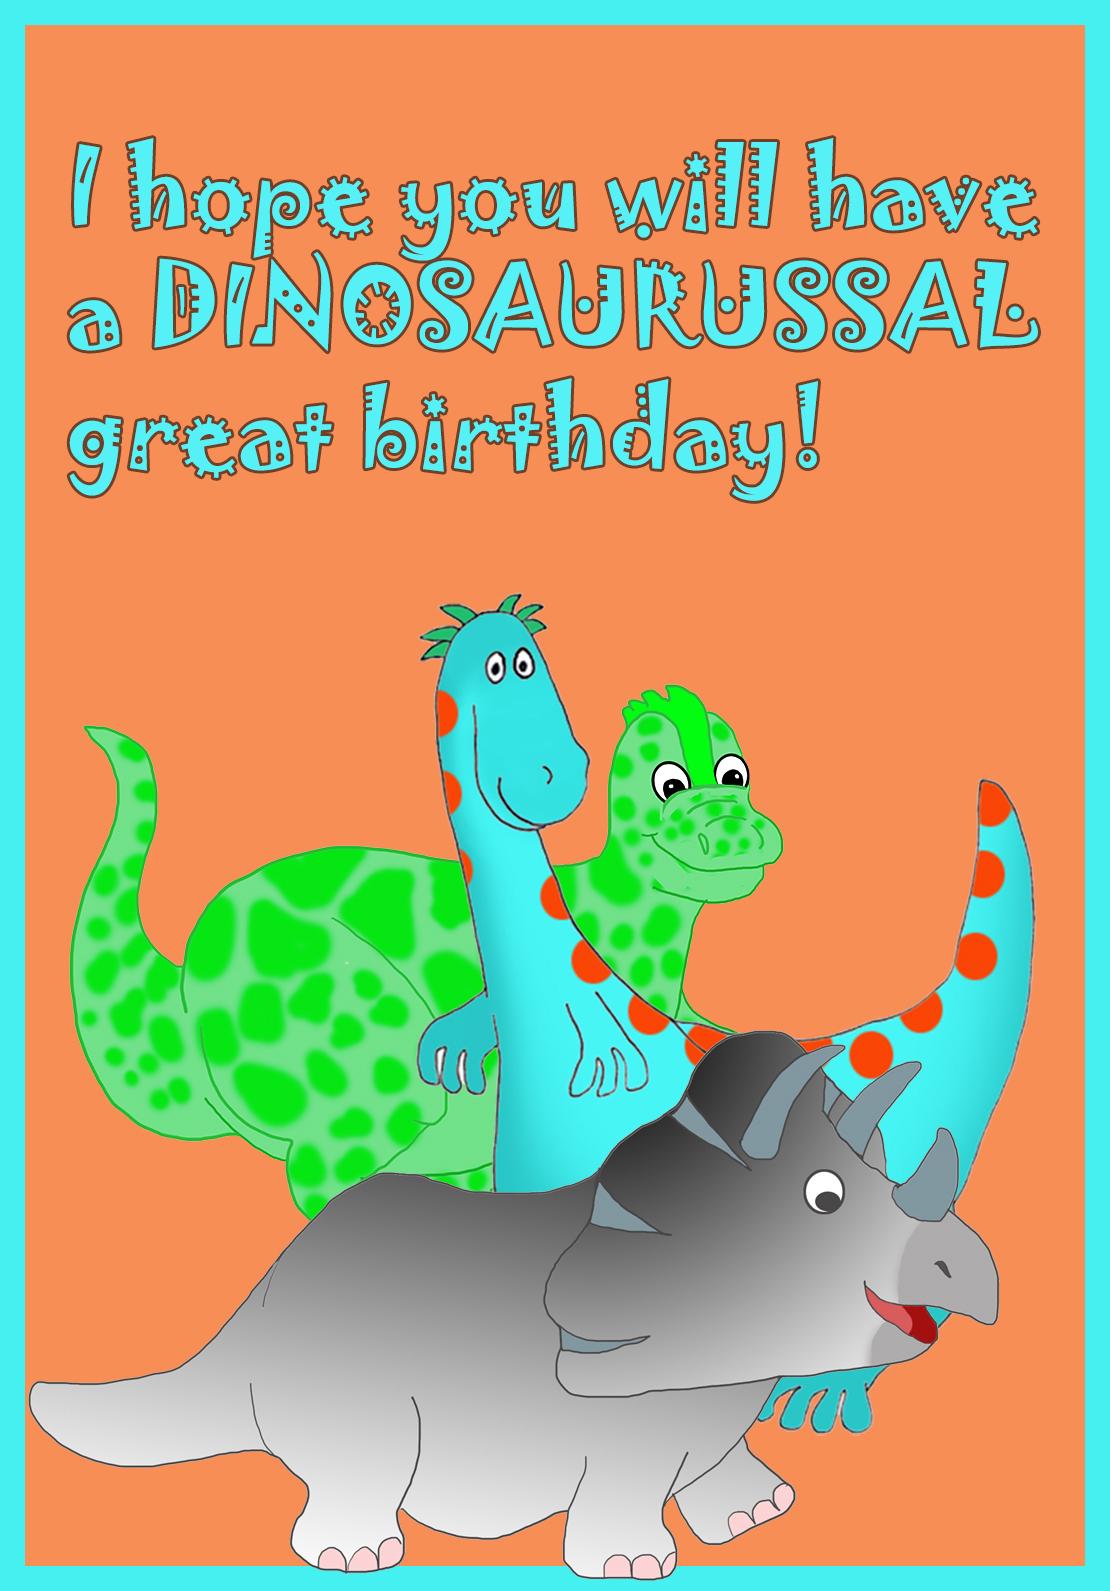 dinosaur birthday greeting card